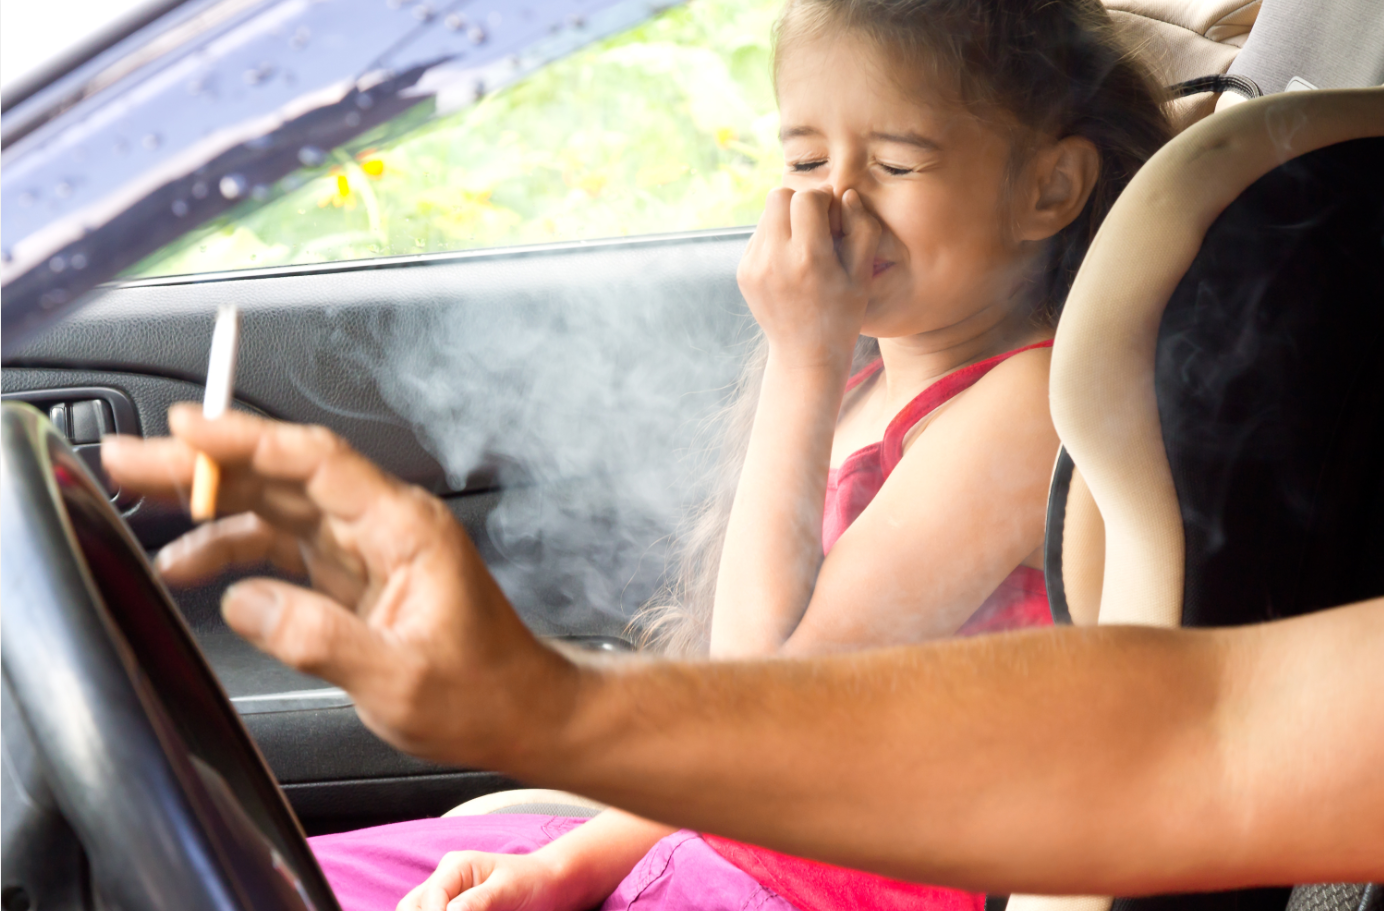 Mann raucht im Auto während das Kind auf dem Beifahrersitz sitzt